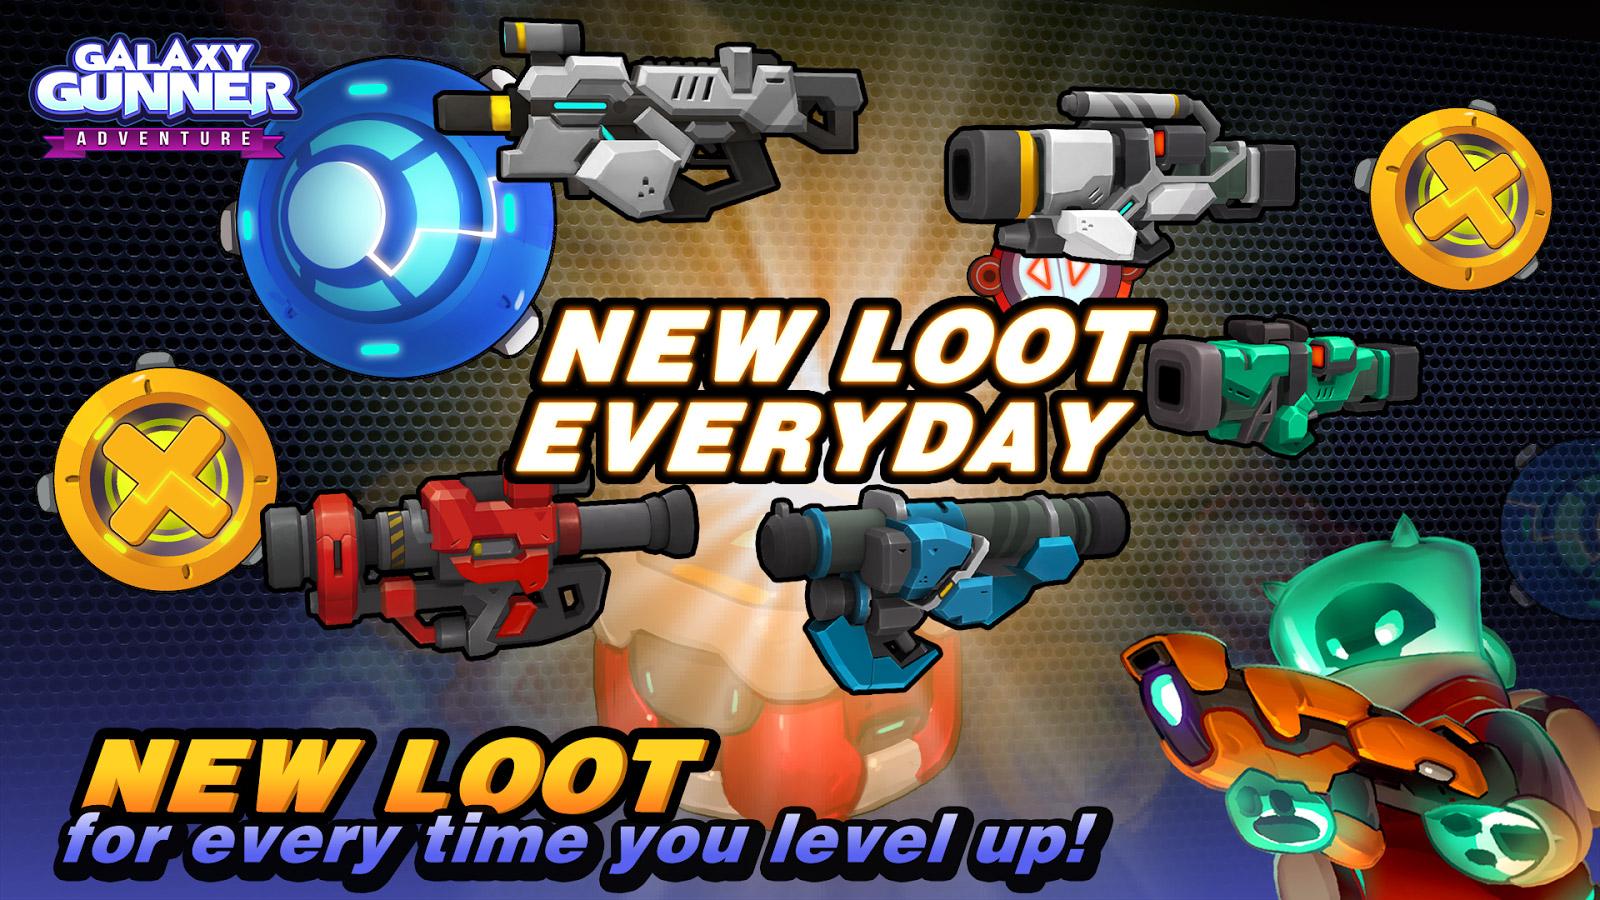 星际战枪冒险好玩吗 星际战枪冒险玩法简介